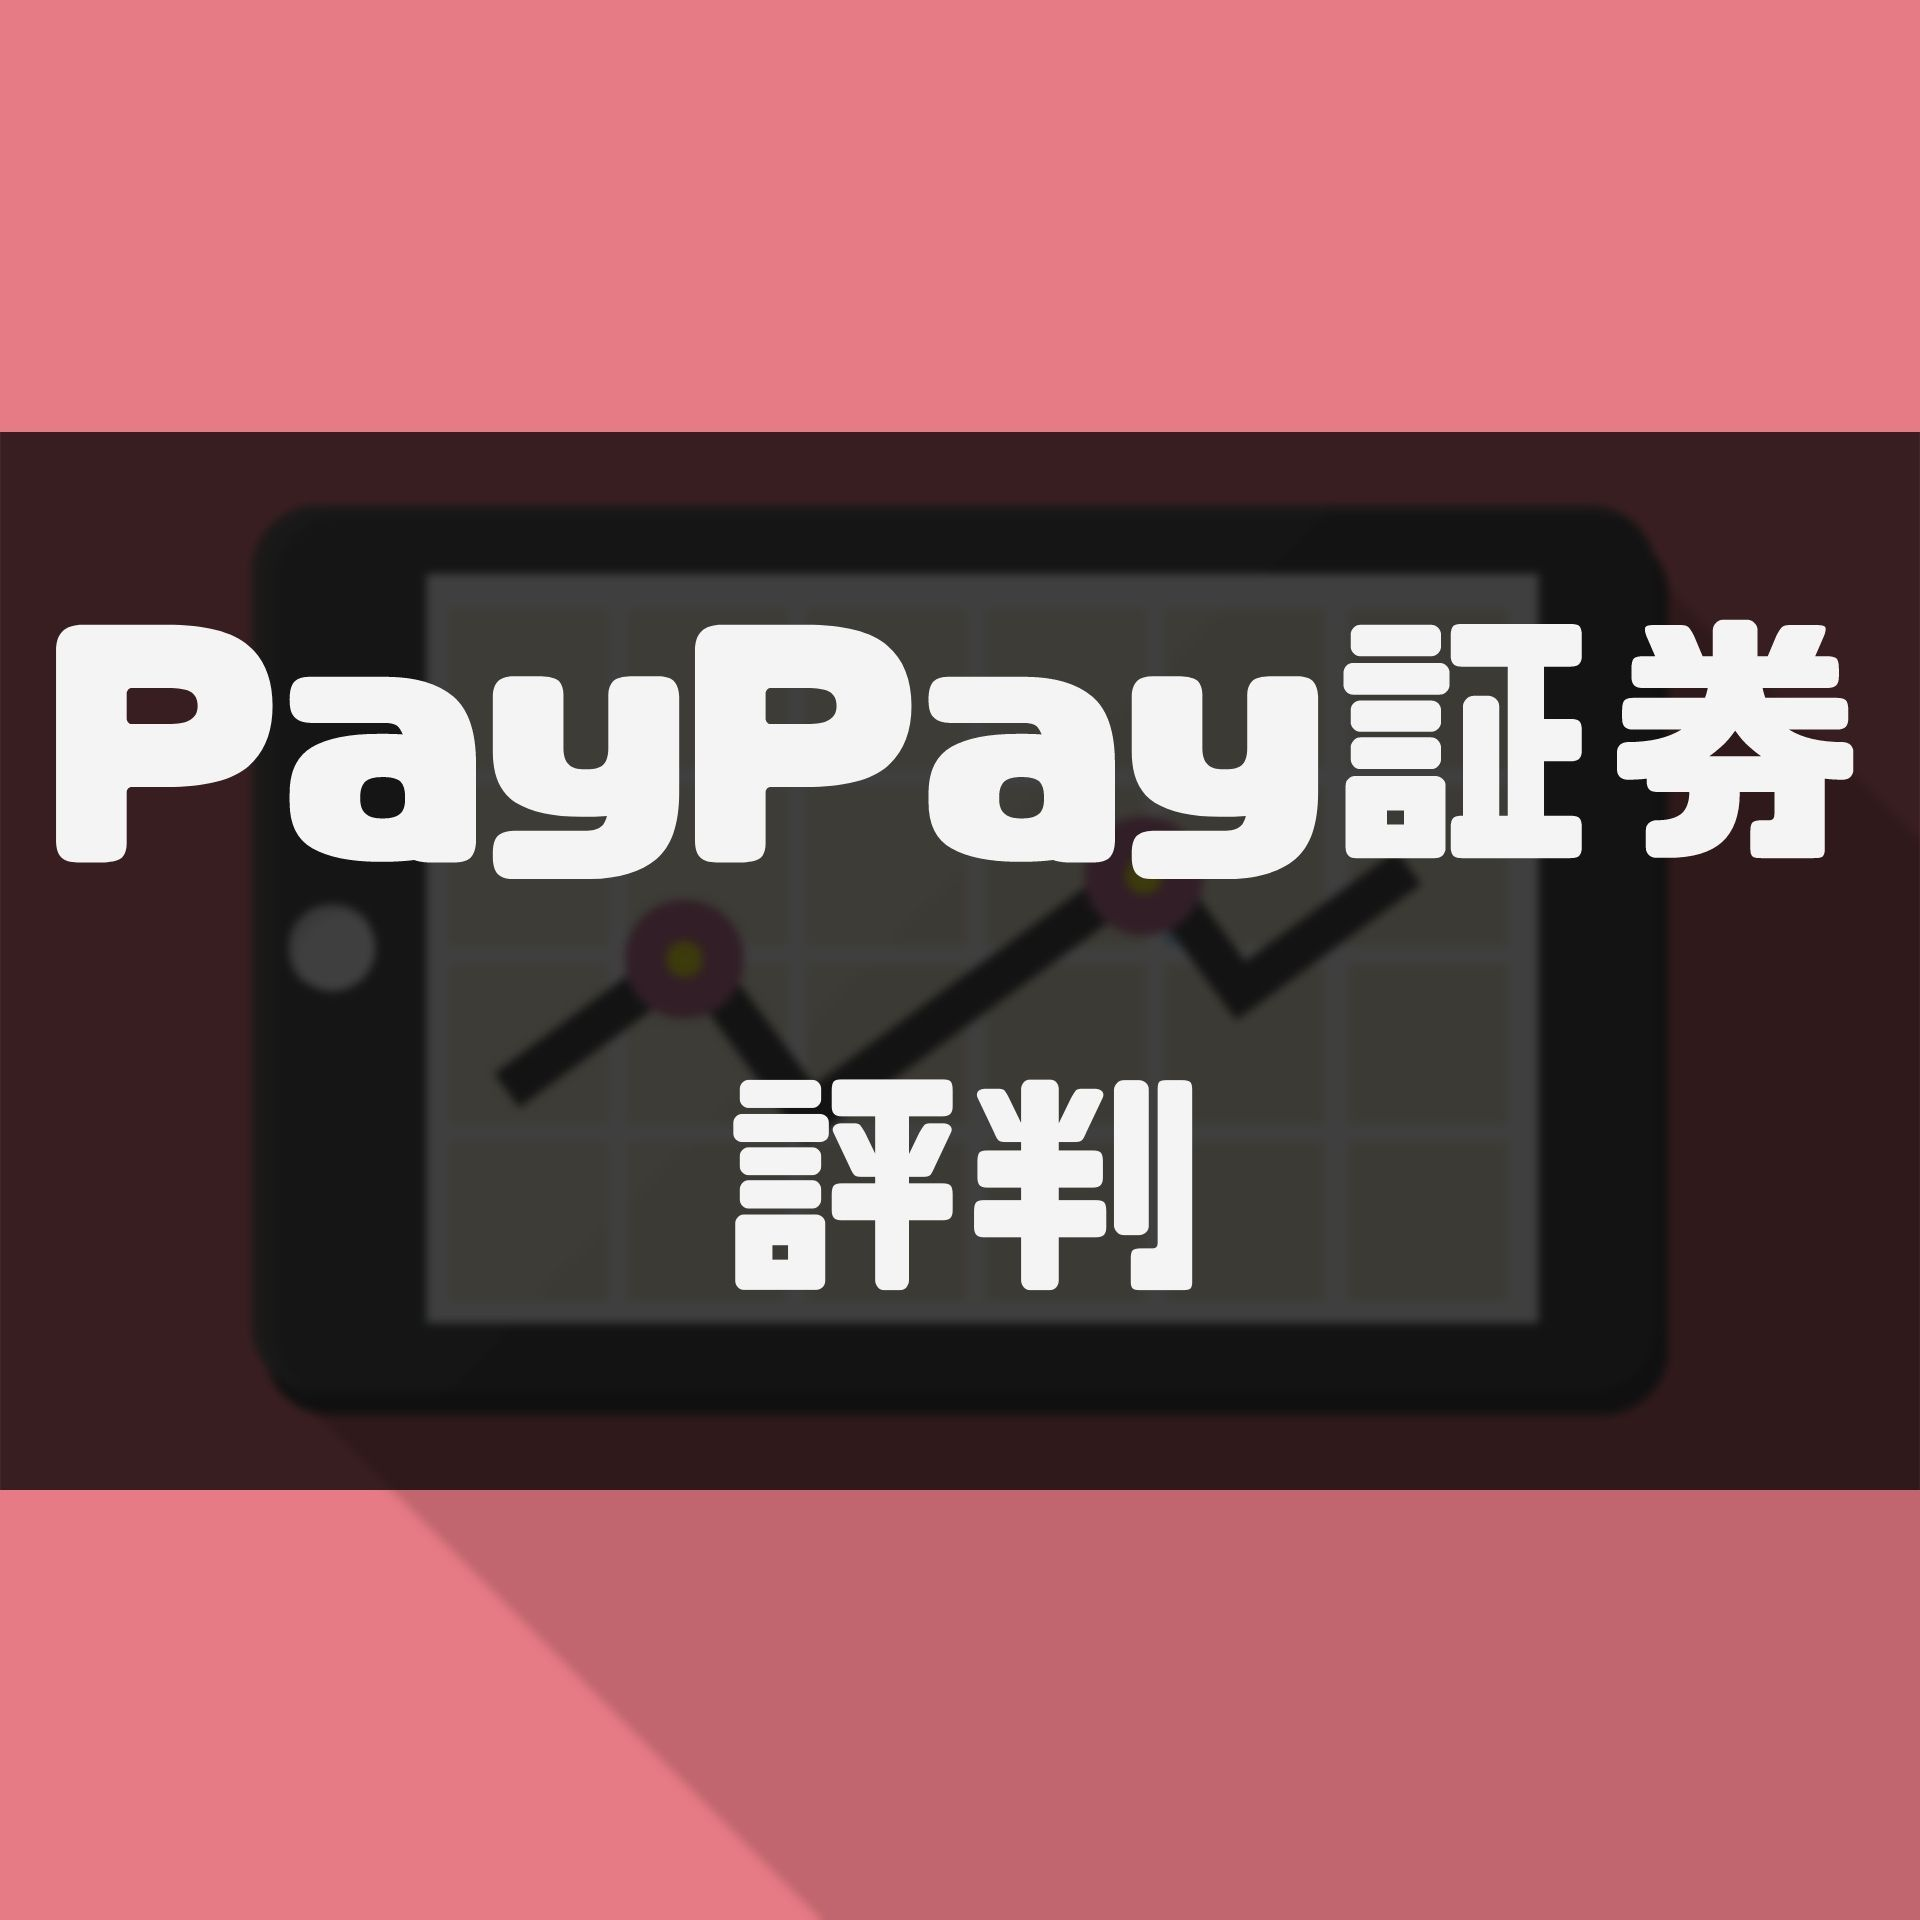 PayPay証券の評判・クチコミは?本当に儲かるのか、メリットやデメリットを徹底分析!